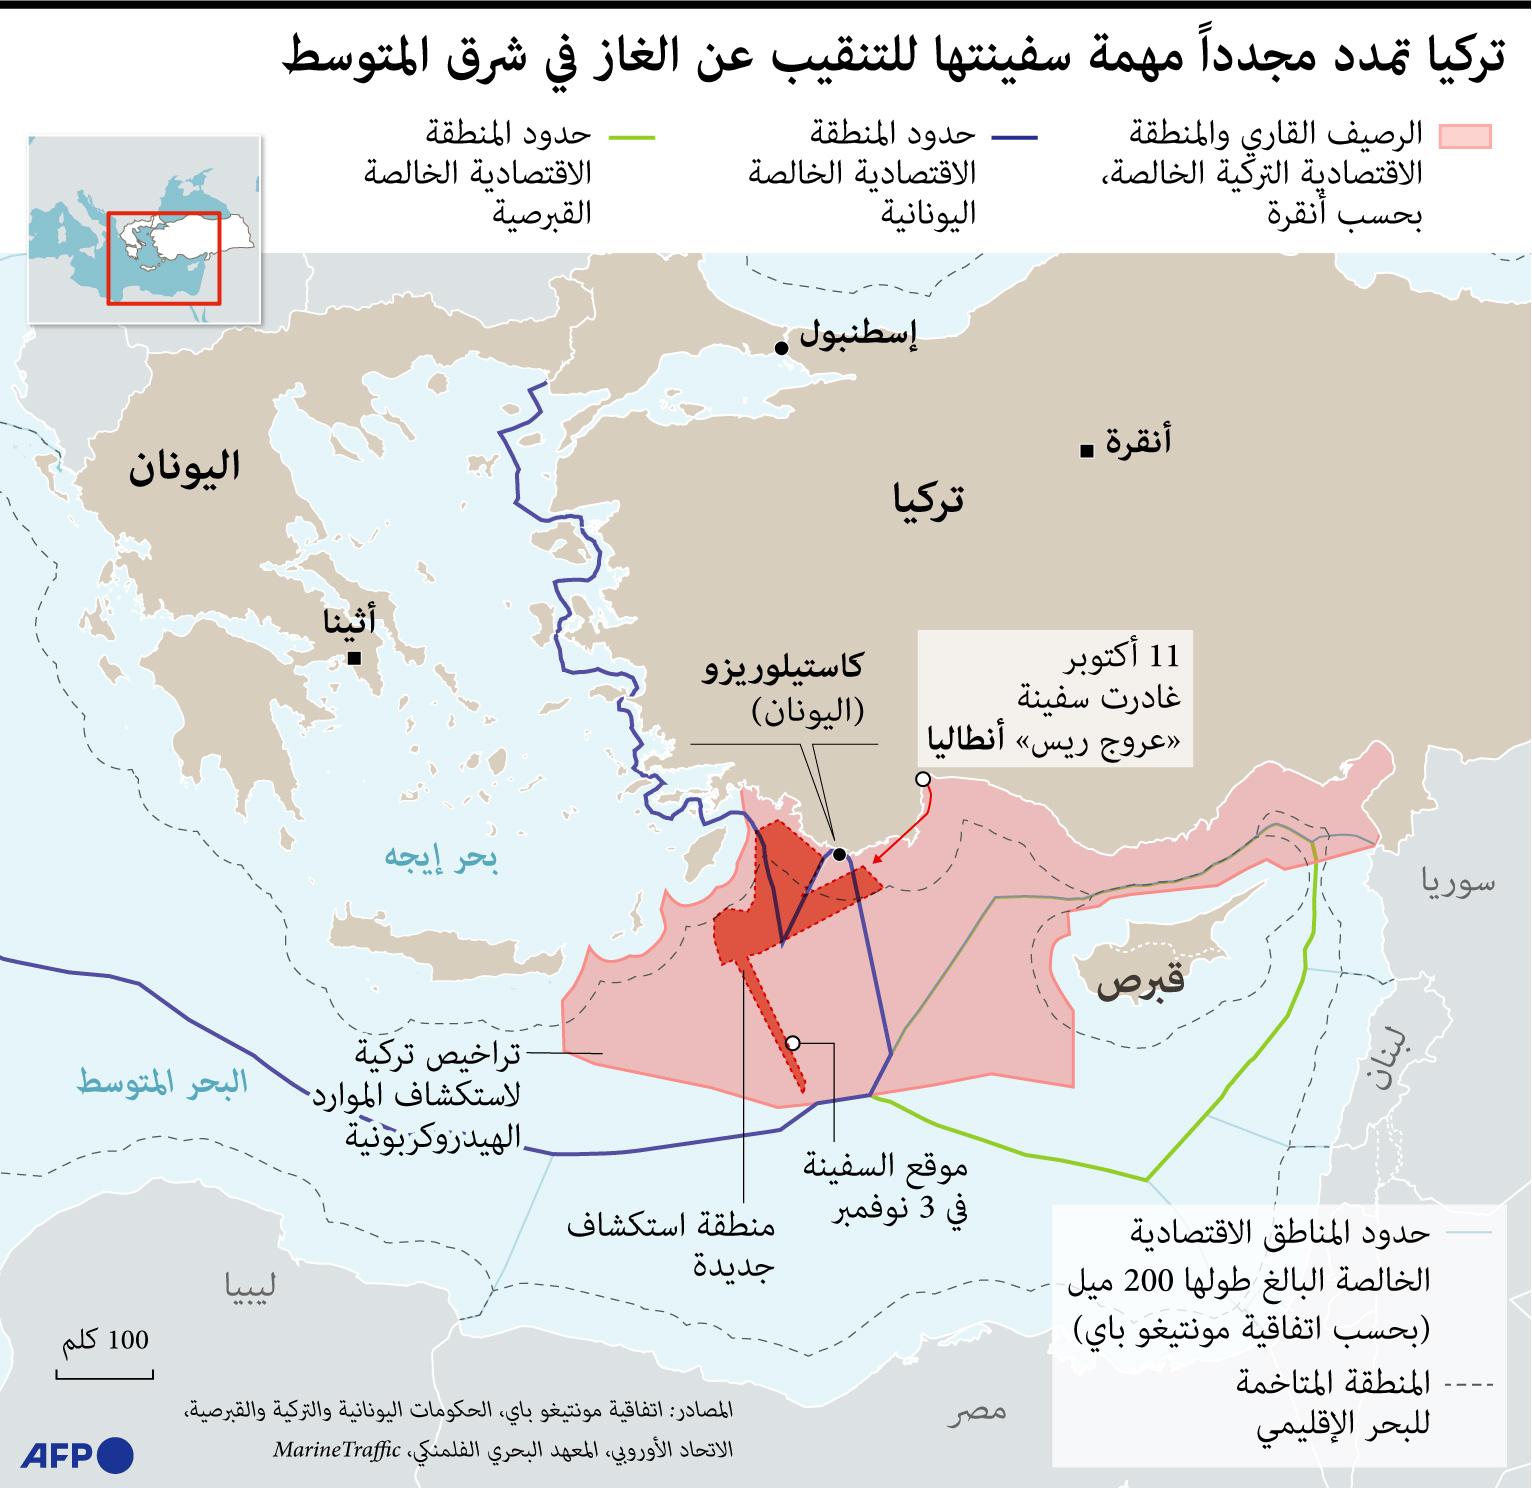 الجزر المتنازع عليها بين اليونان وتركيا